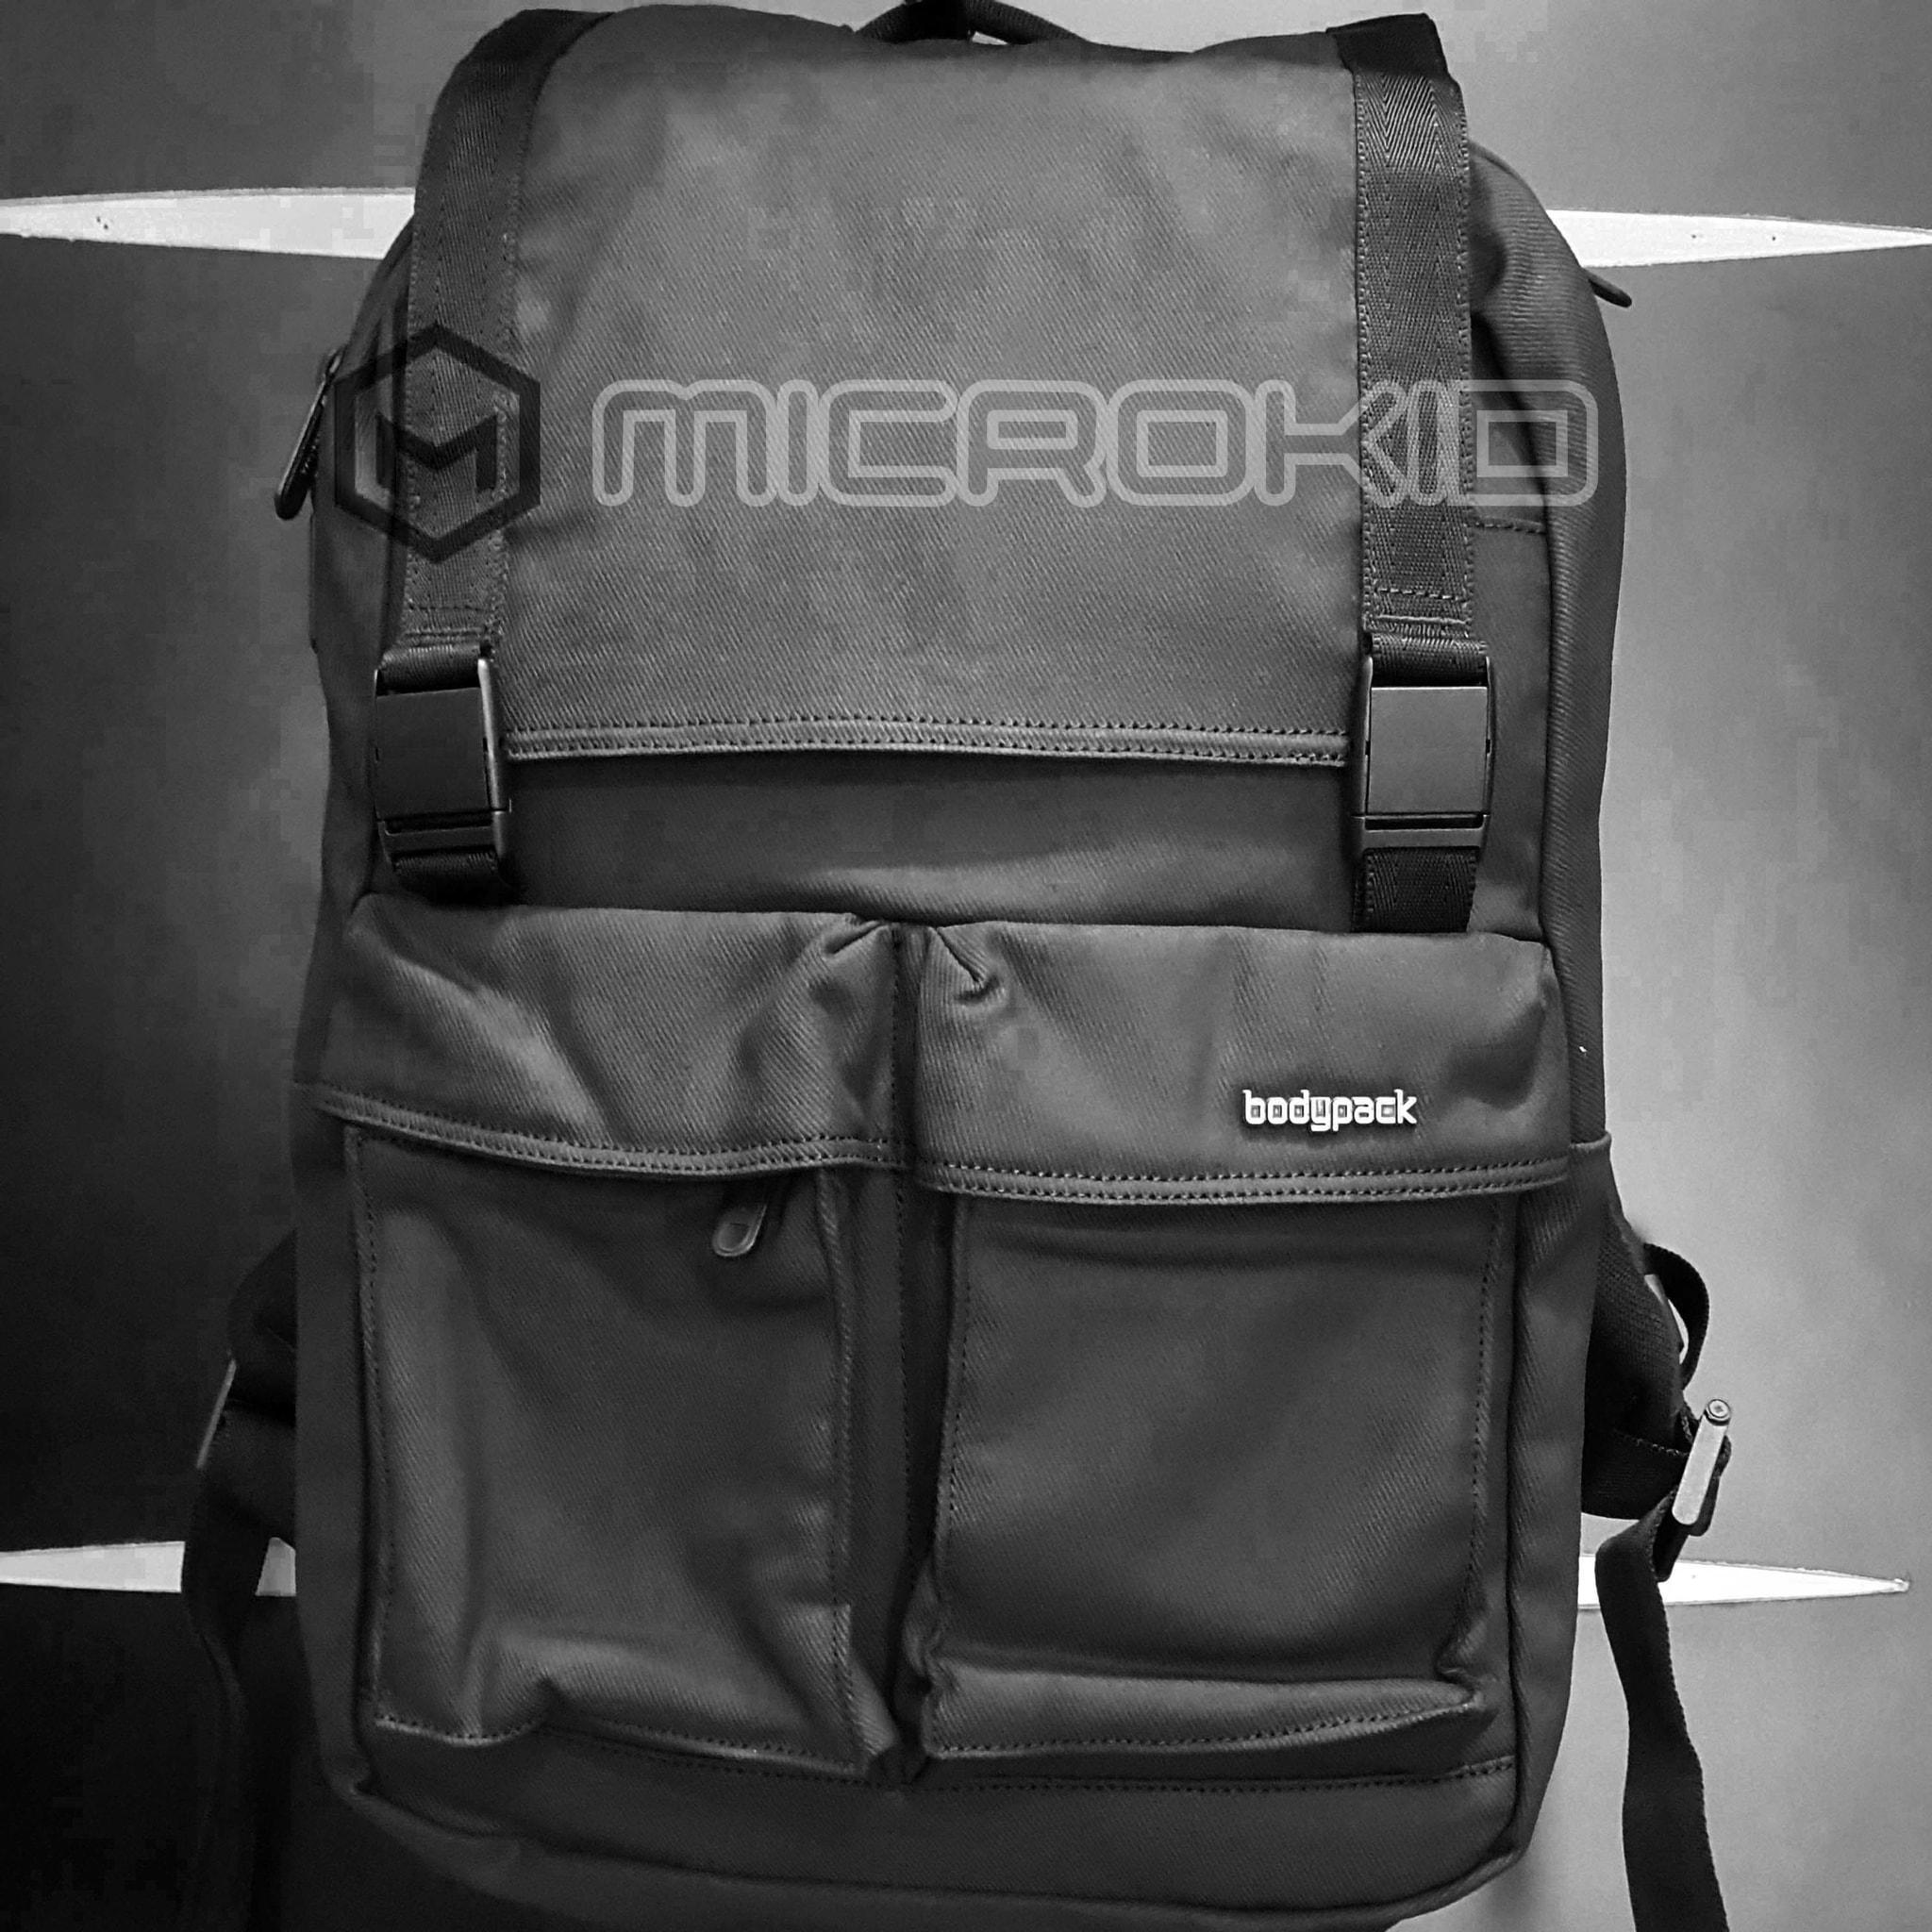 Bodypack Elevate 10 Black Daftar Harga Terkini Dan Terlengkap Prodigers Fresno Light Grey 2838batn Jual Tas 2828bhtn R Lt14